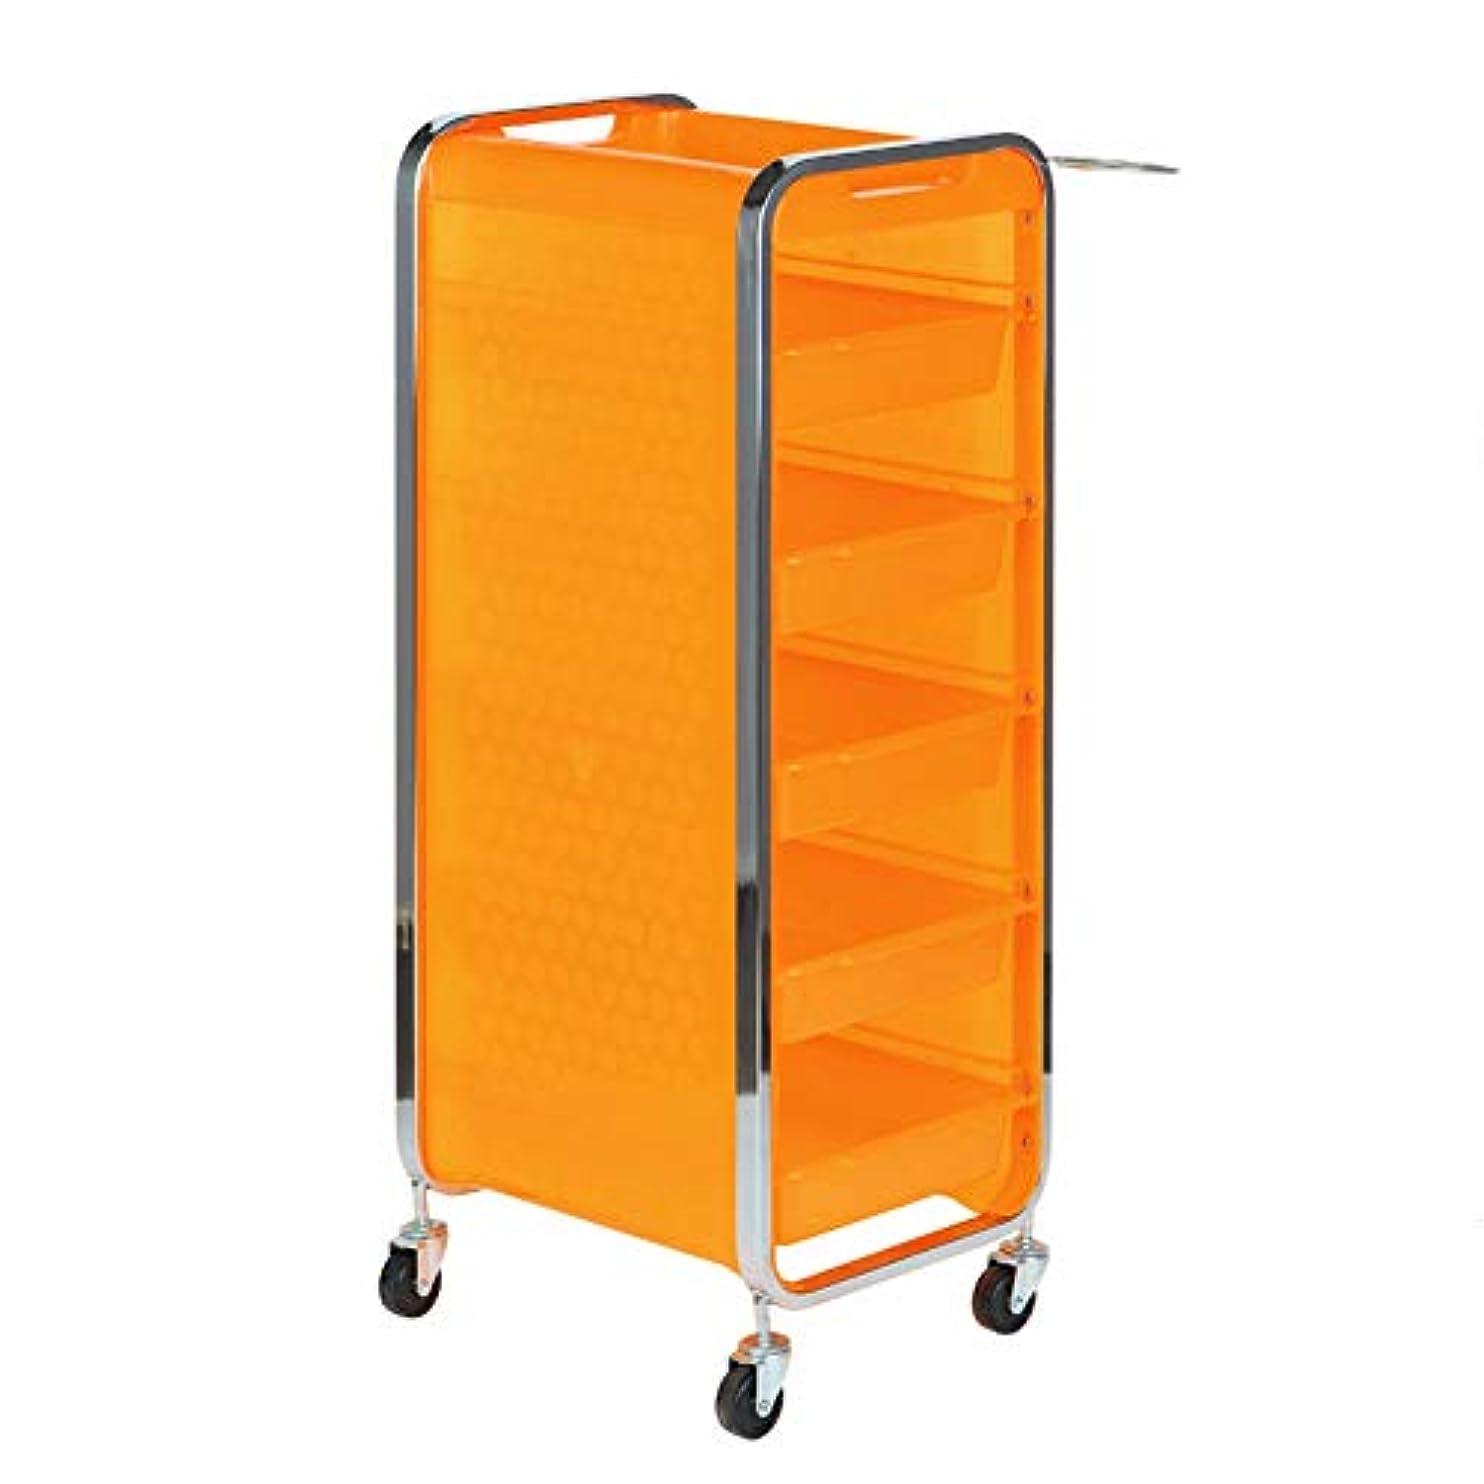 小切手め言葉マングルサロン美容院トロリー美容美容収納カート6層トレイ多機能引き出し虹色,Orange,A